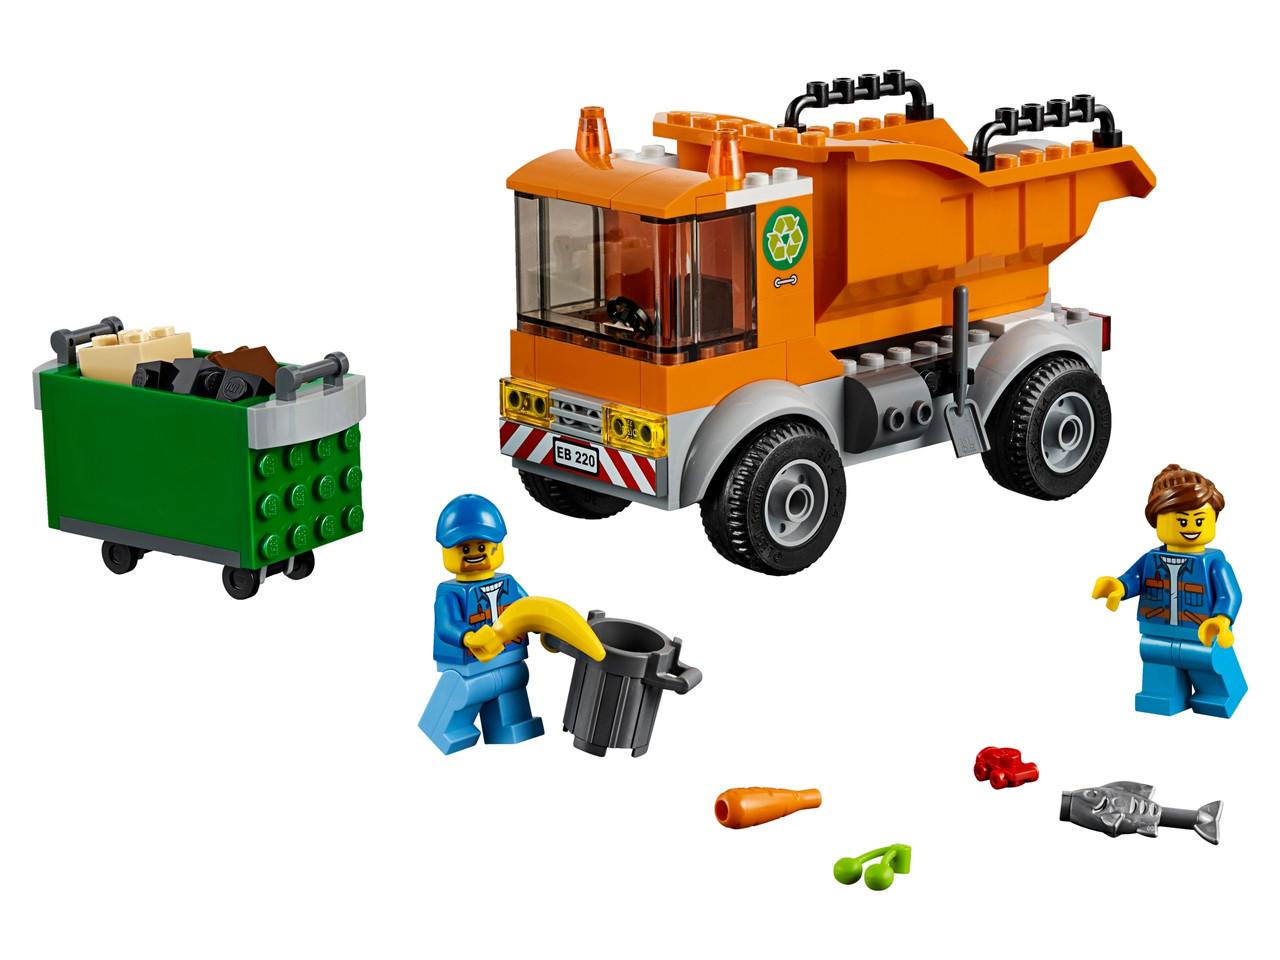 Конструктор LEGO Мусоровоз 90 деталей (60220)